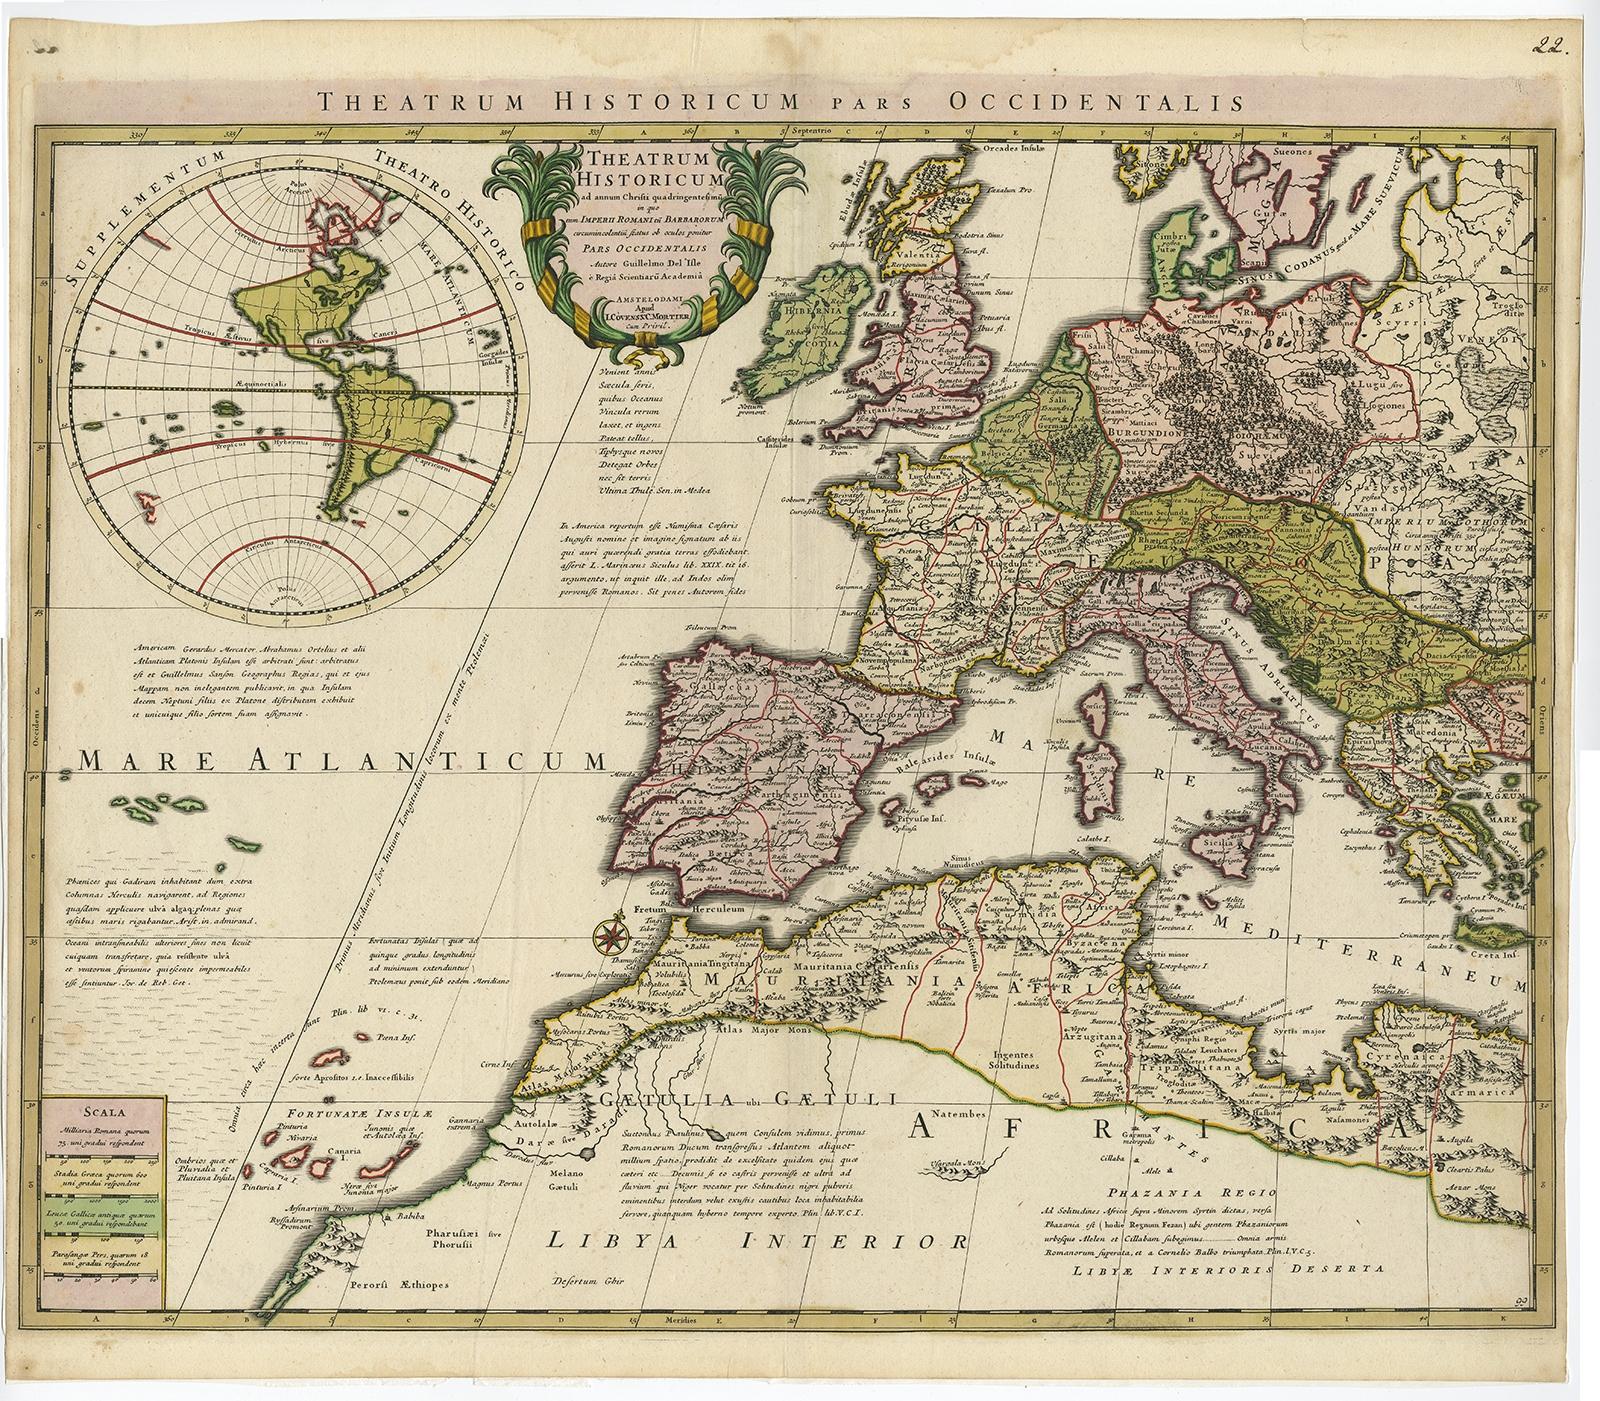 Theatrum Historicum Pars Occidentalis De LIsle C - Pars map